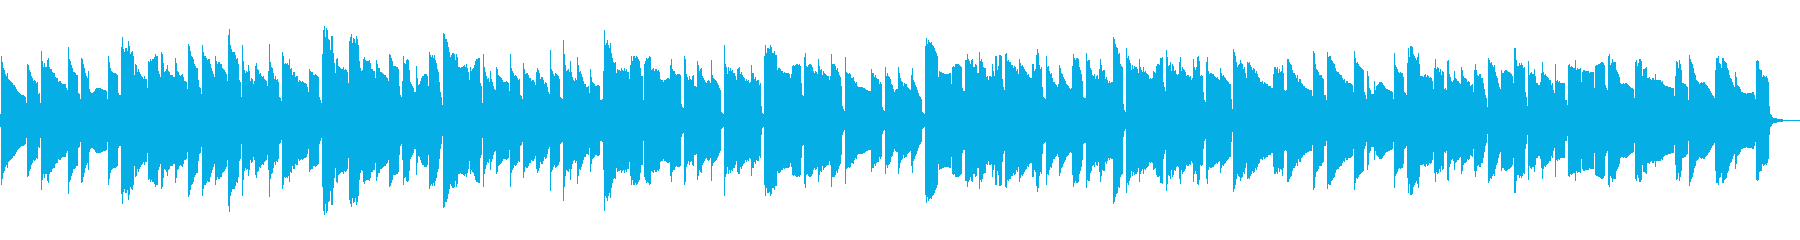 角笛をイメージしたオカリナの再生済みの波形